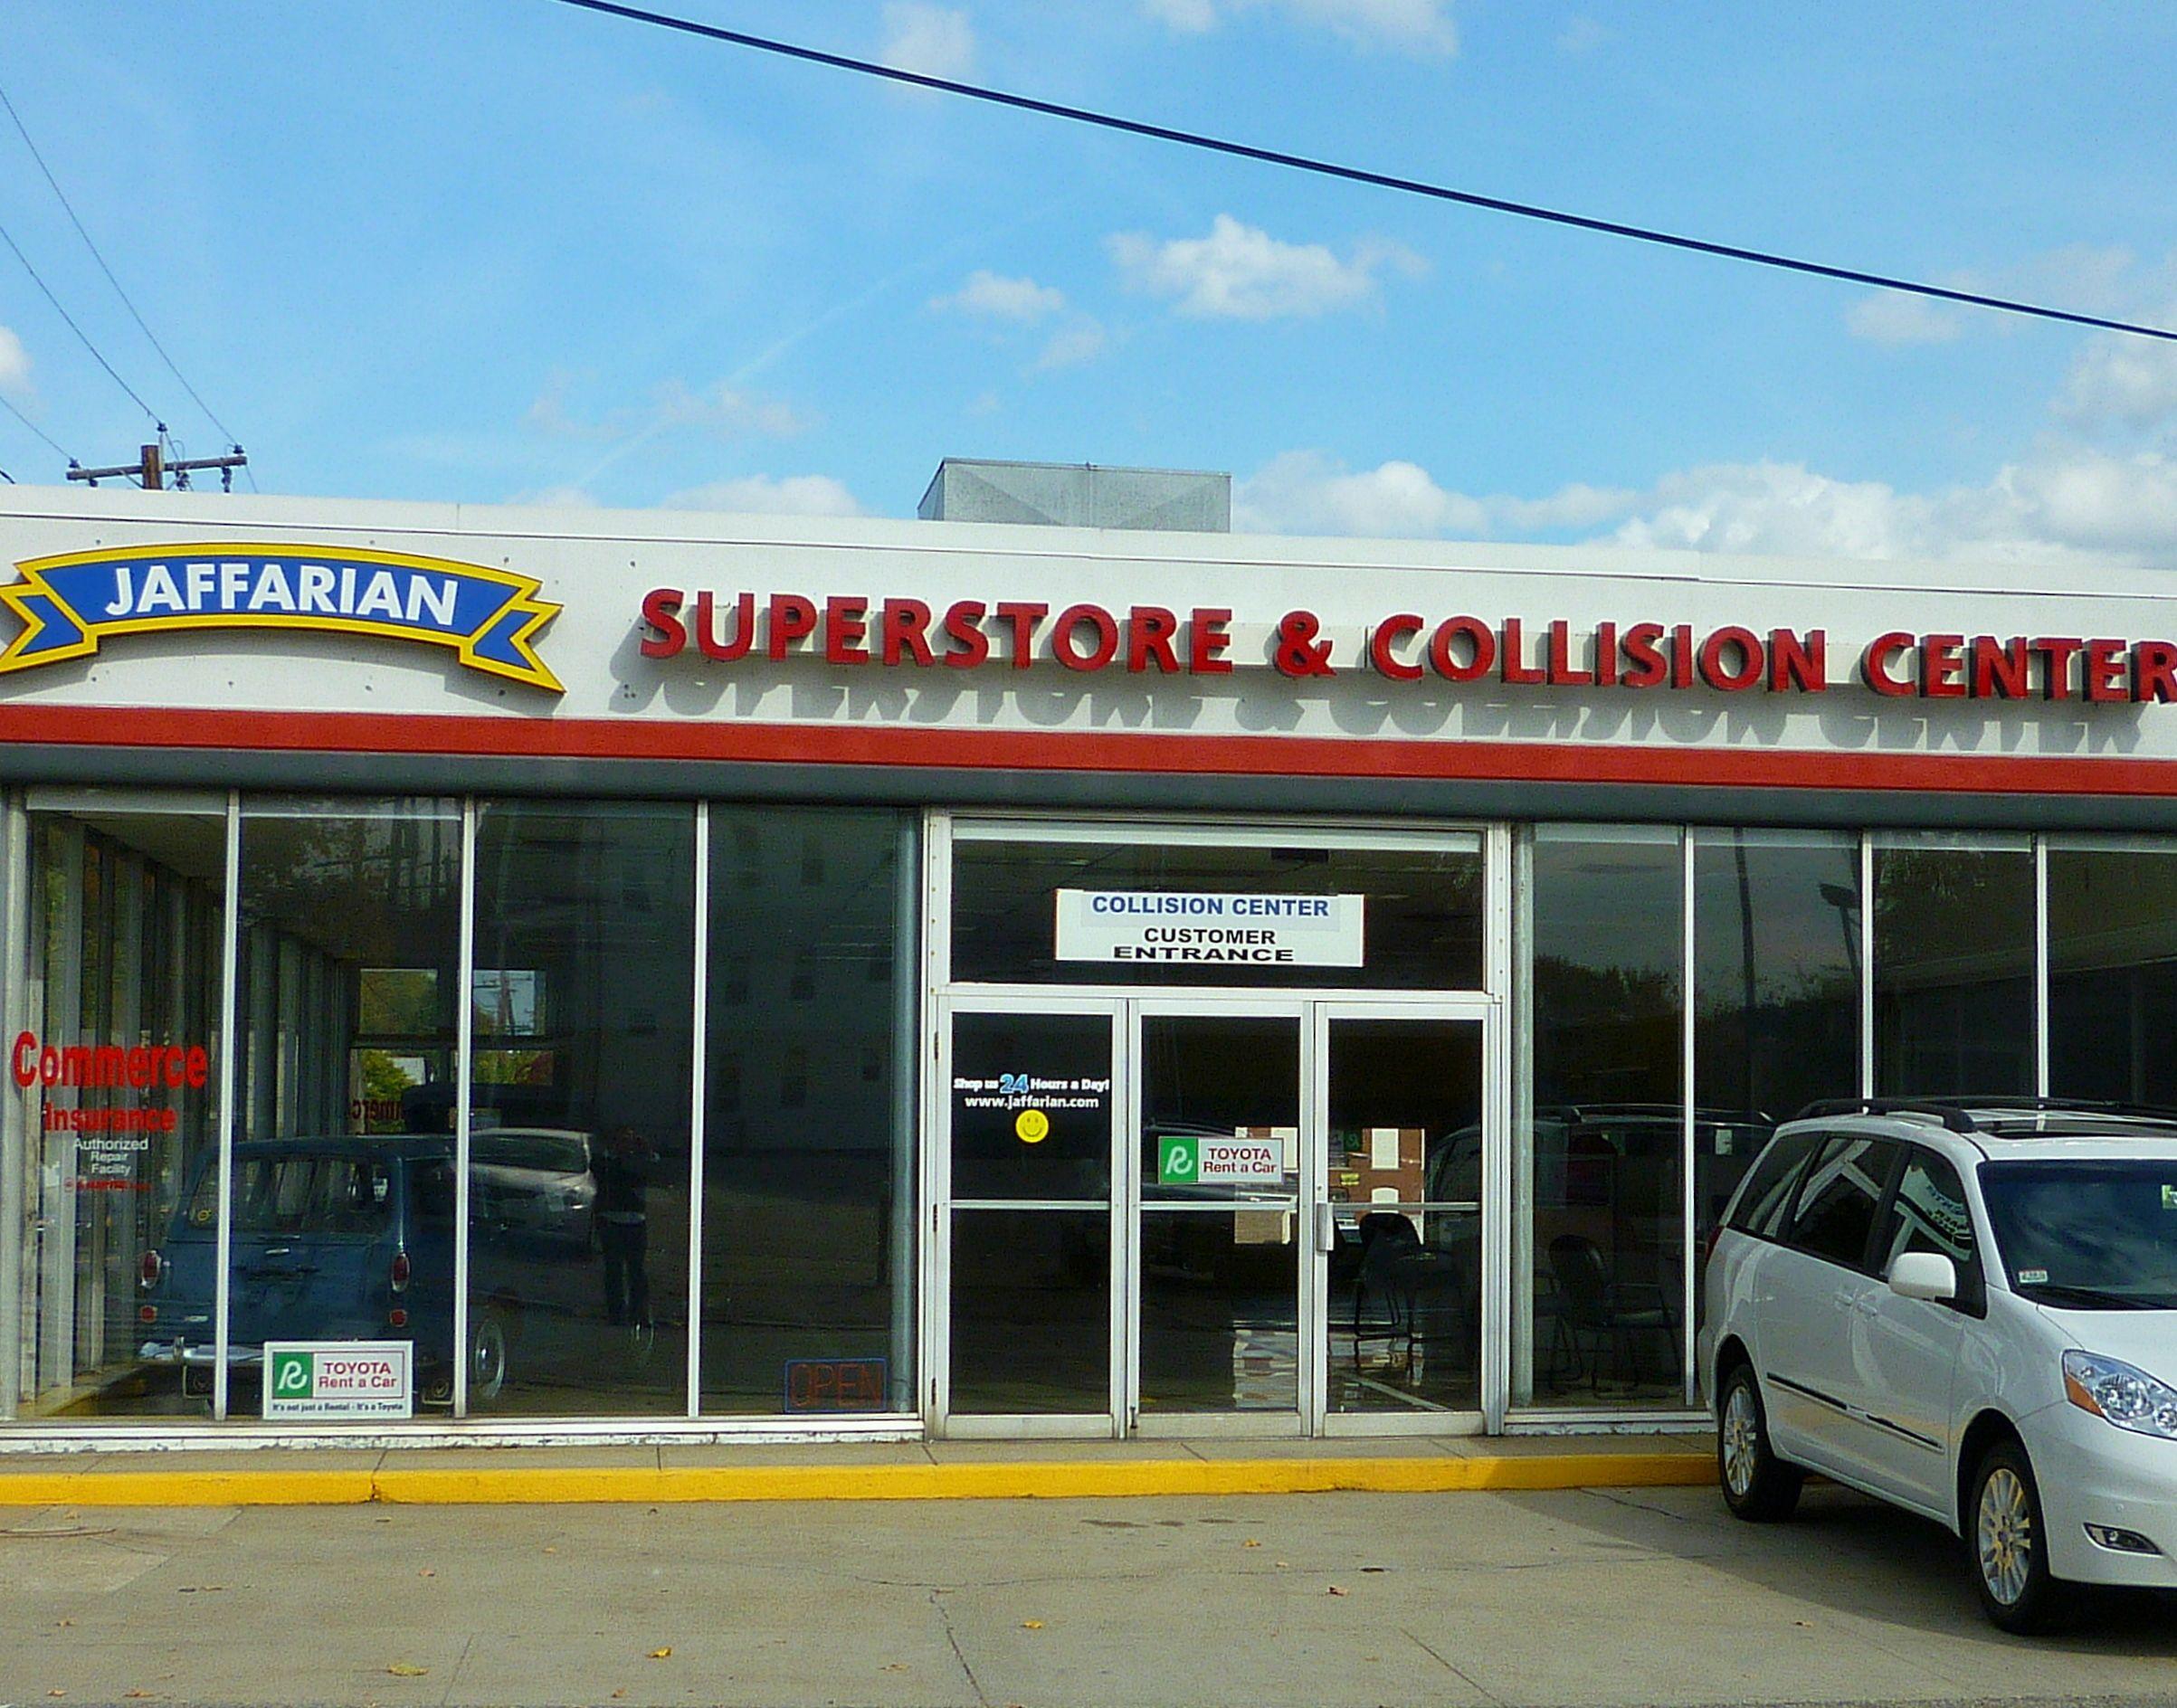 Jaffarian Collision Center2.jpg Volvo dealership, Auto